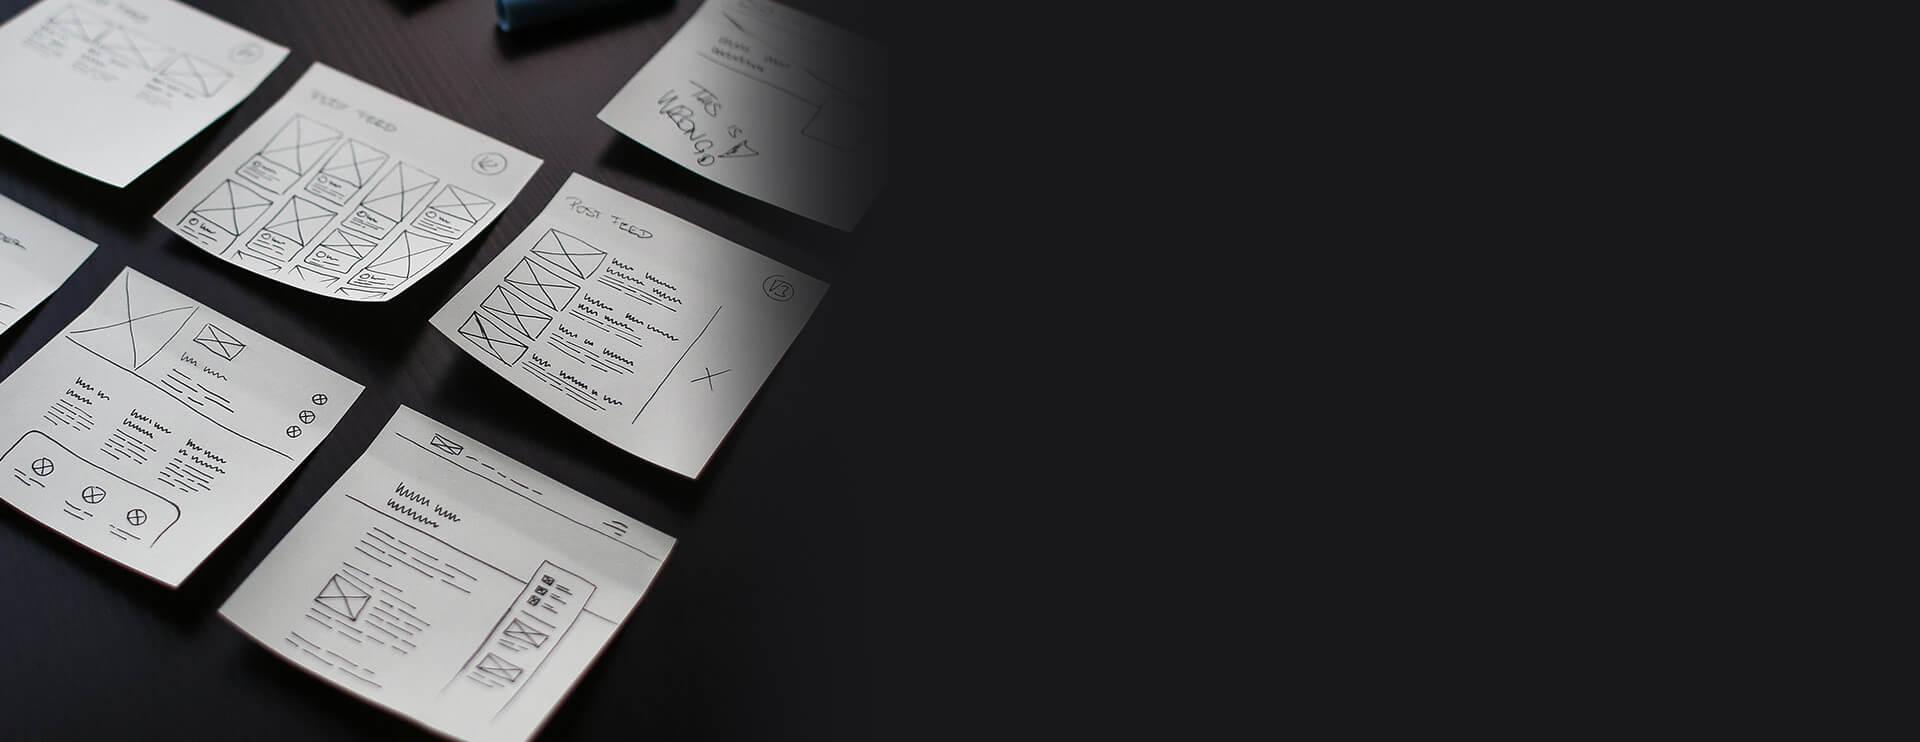 用户体验提升(UE)——用户体验规划